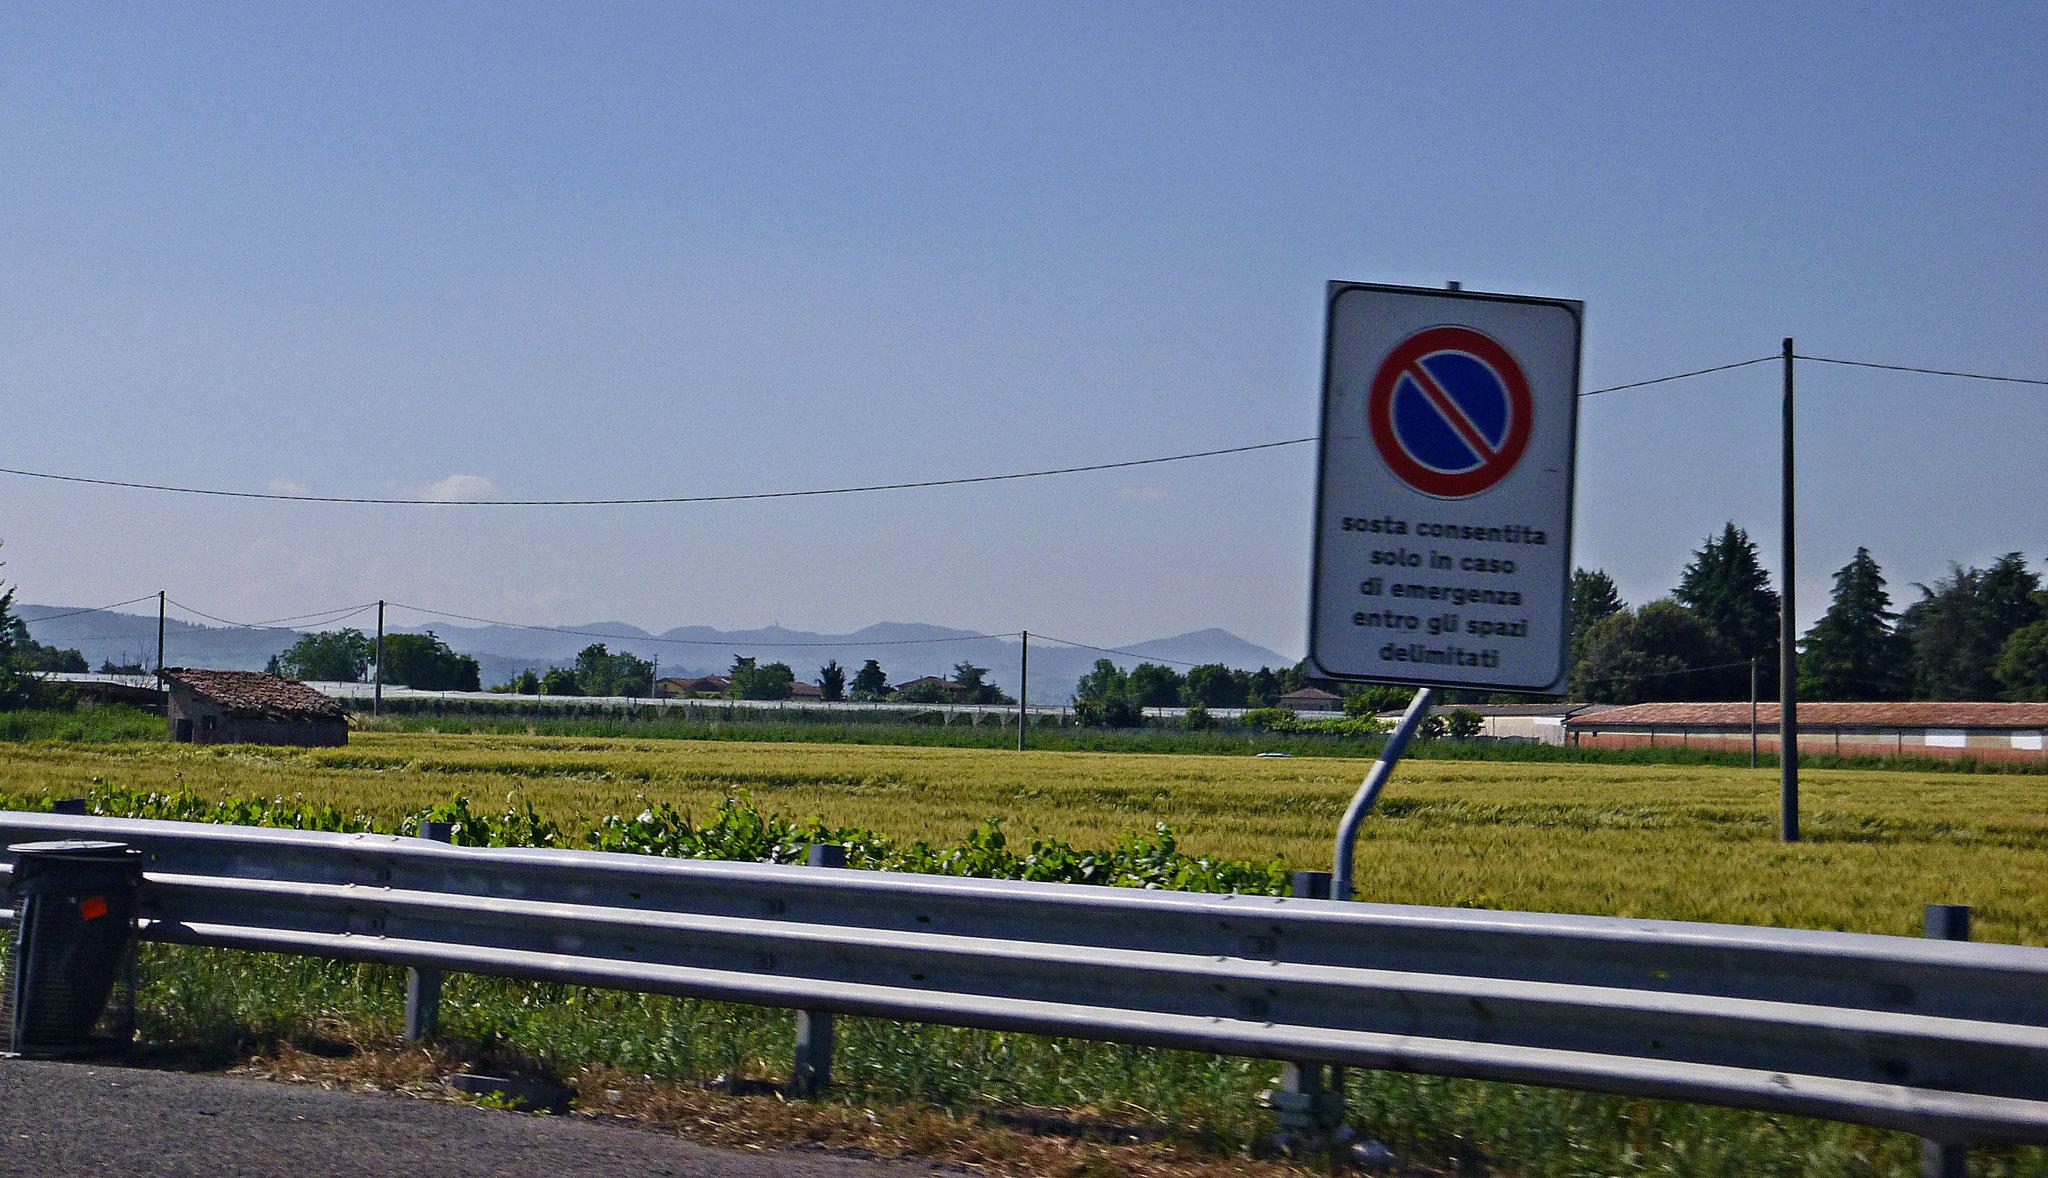 Auf dem Weg in der Nähe von Mantua